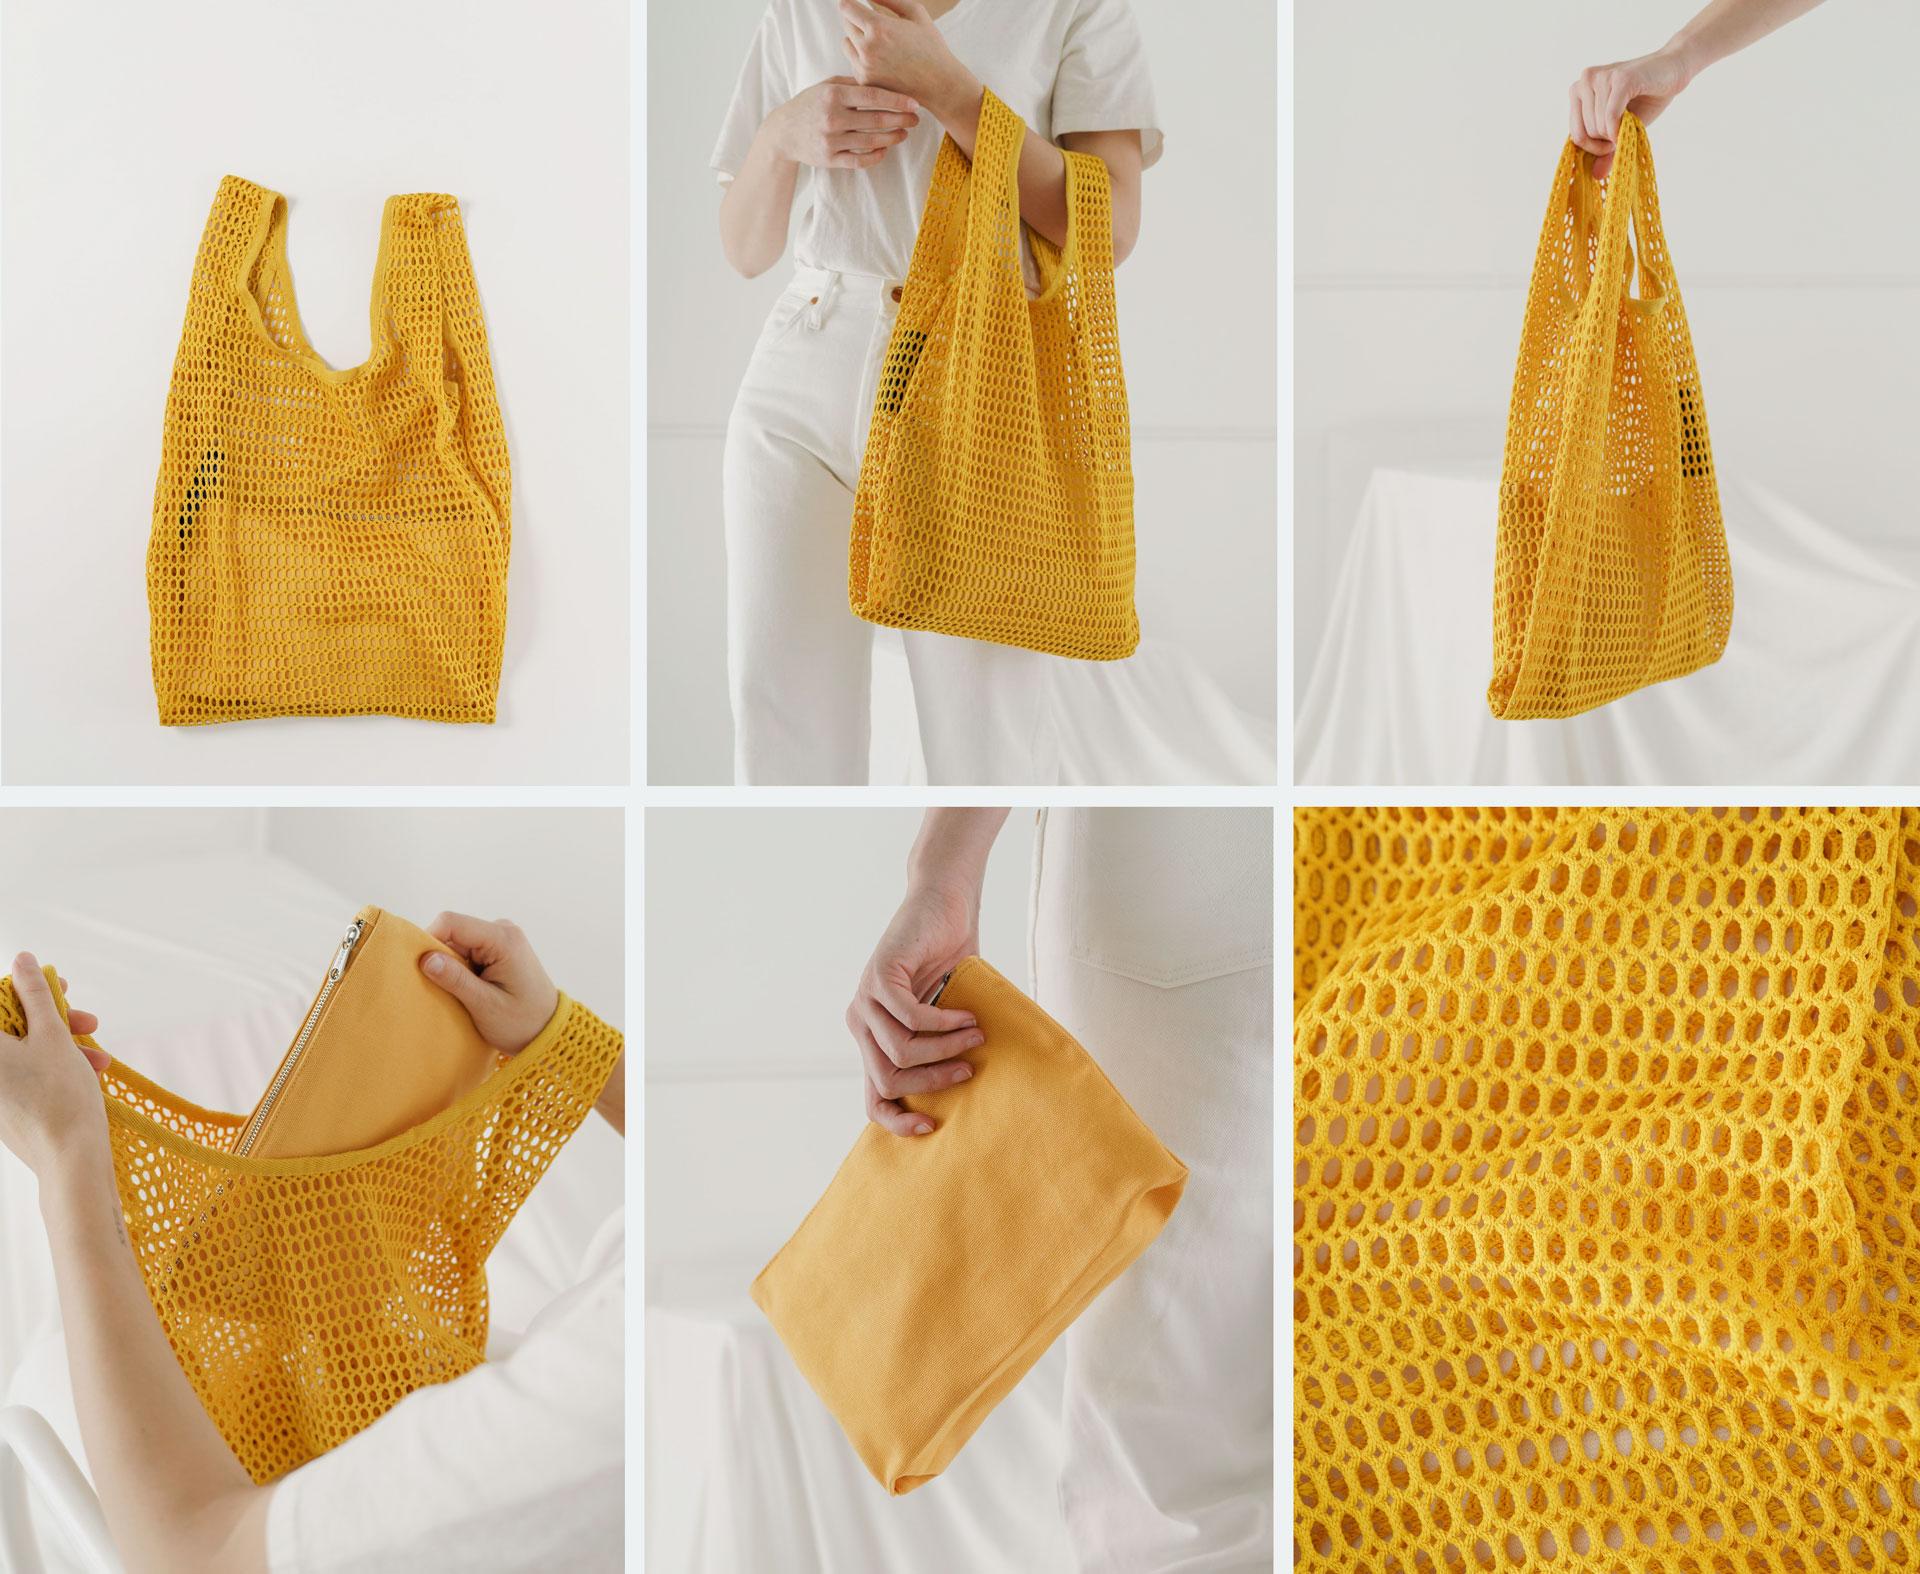 net-baggu-net-lace-marigold-01-1920.jpg